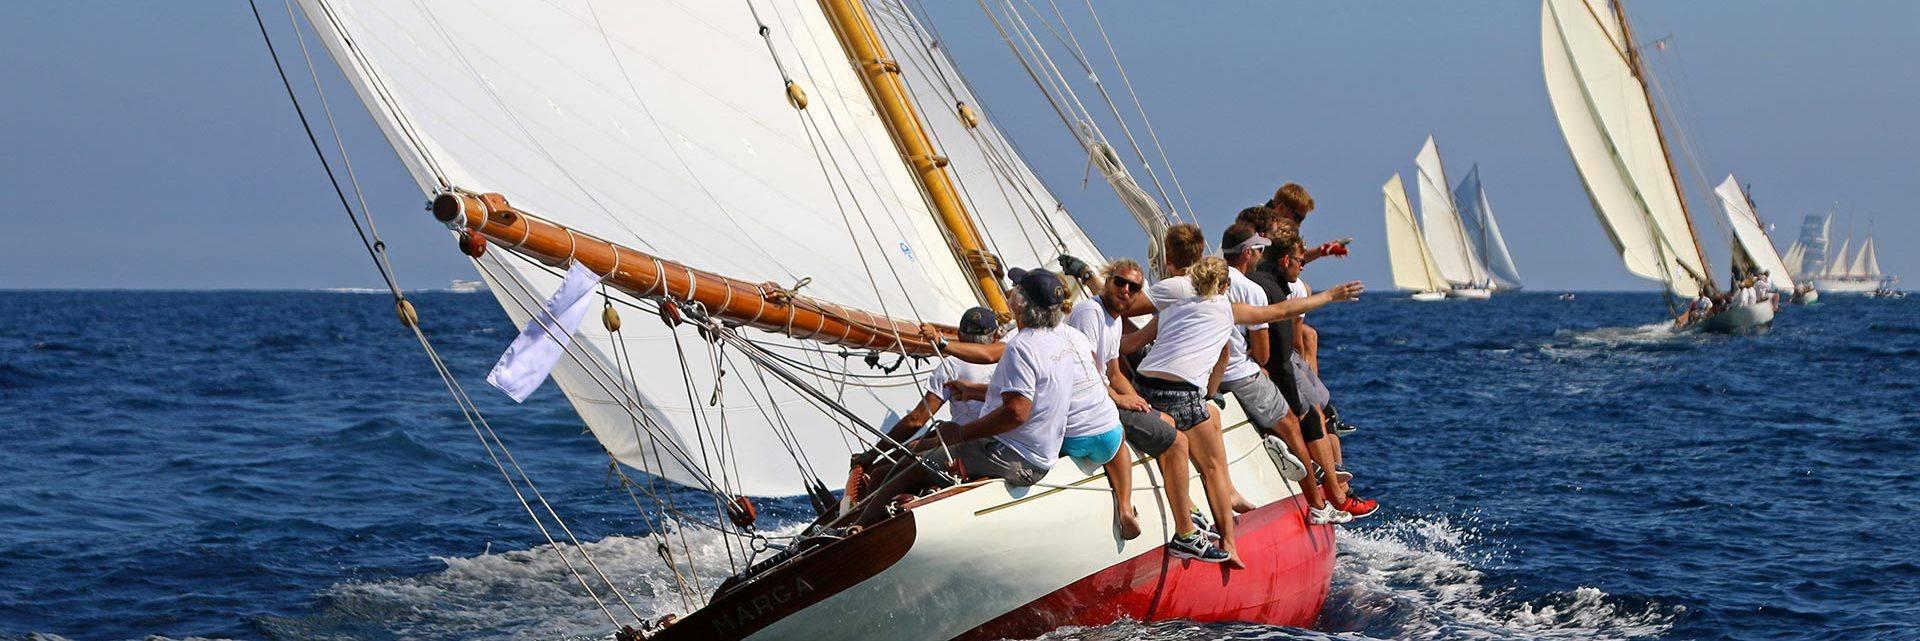 Les Voiles de Saint Tropez en mer